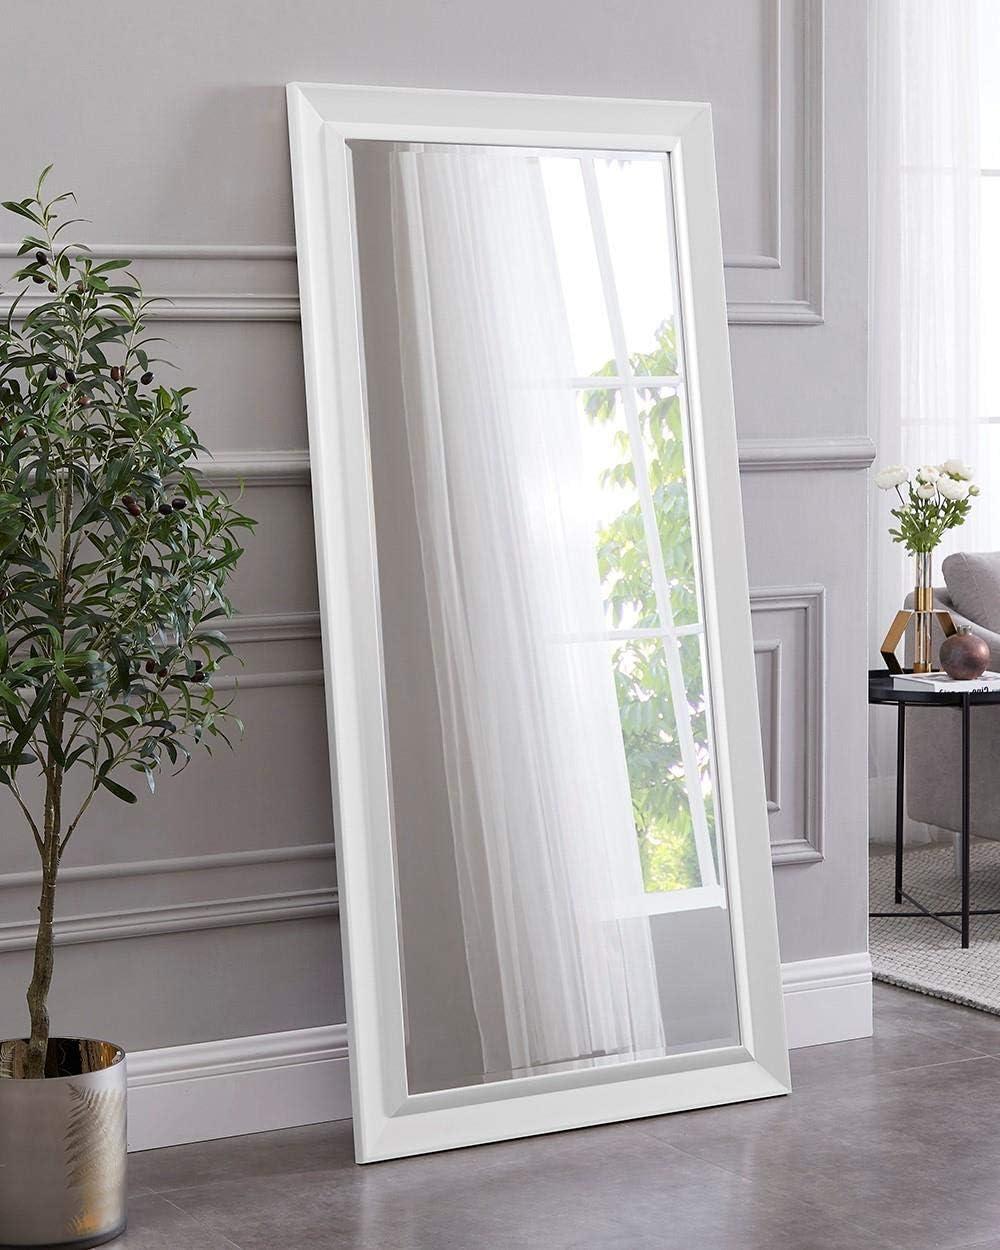 Naomi Home Framed Bevel Leaner Mirror White 66 x 32